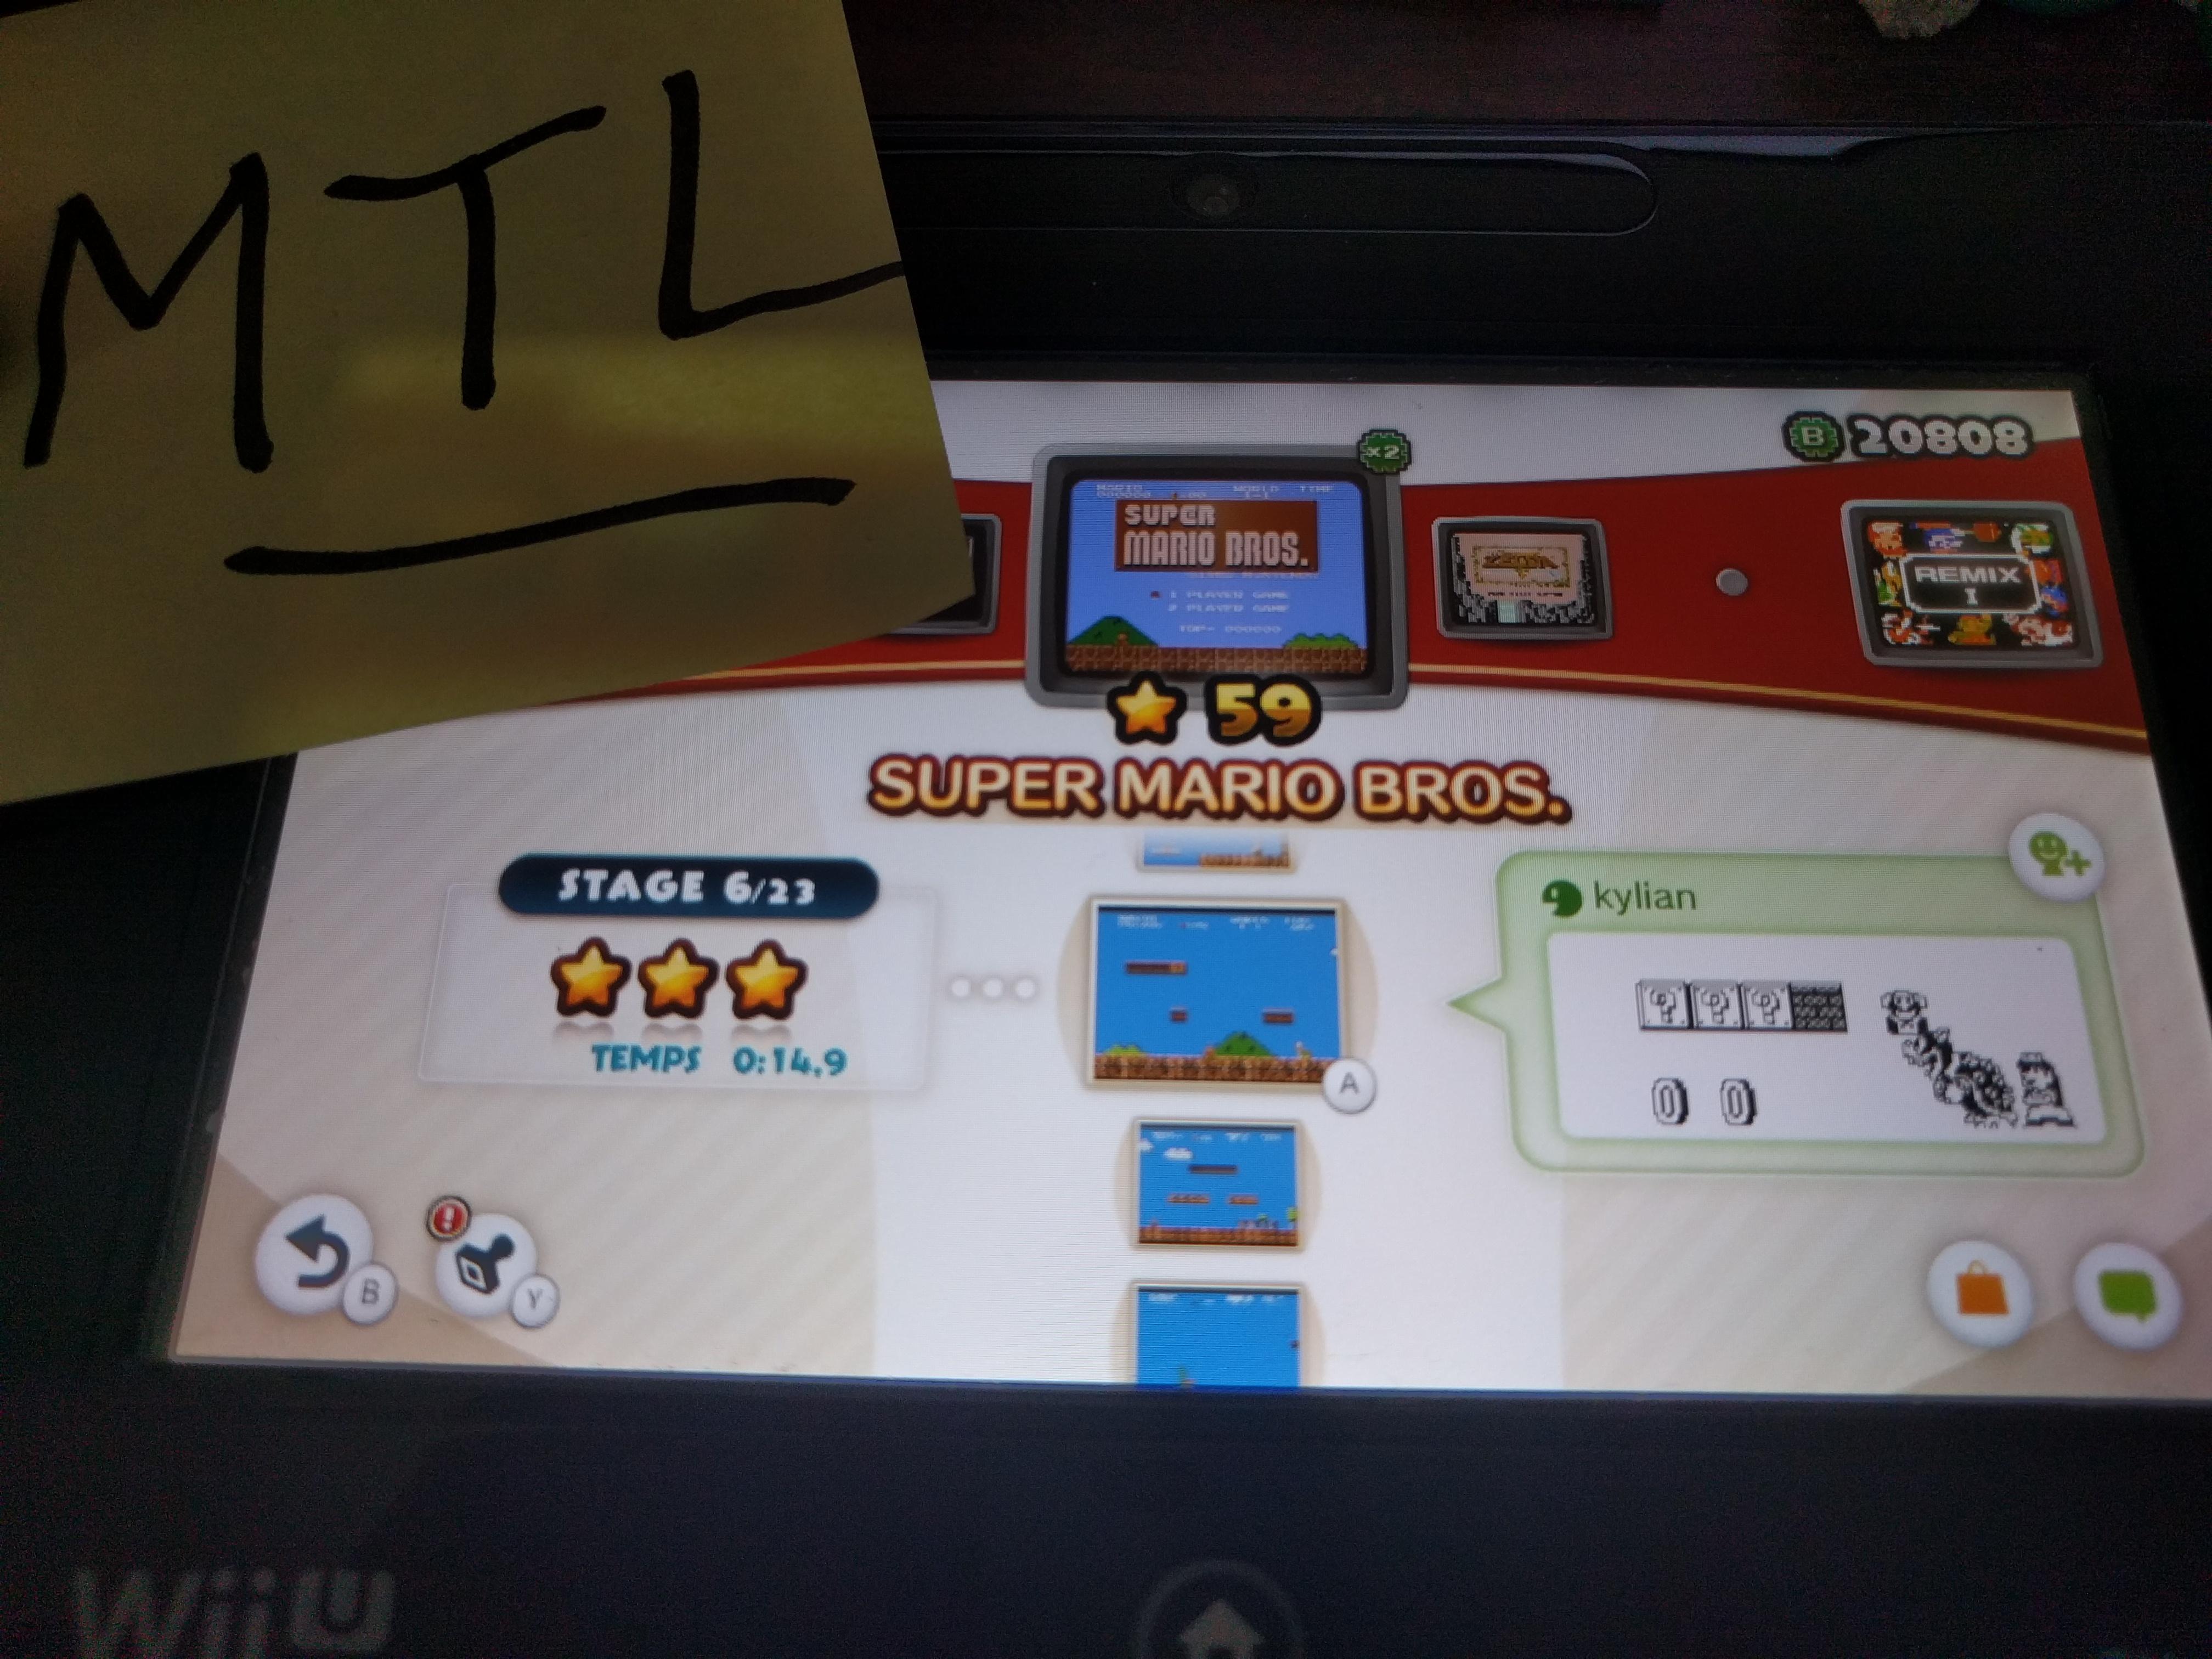 Mantalow: NES Remix: Super Mario Bros: Stage 6 (Wii U) 0:00:14.9 points on 2016-06-10 05:17:29